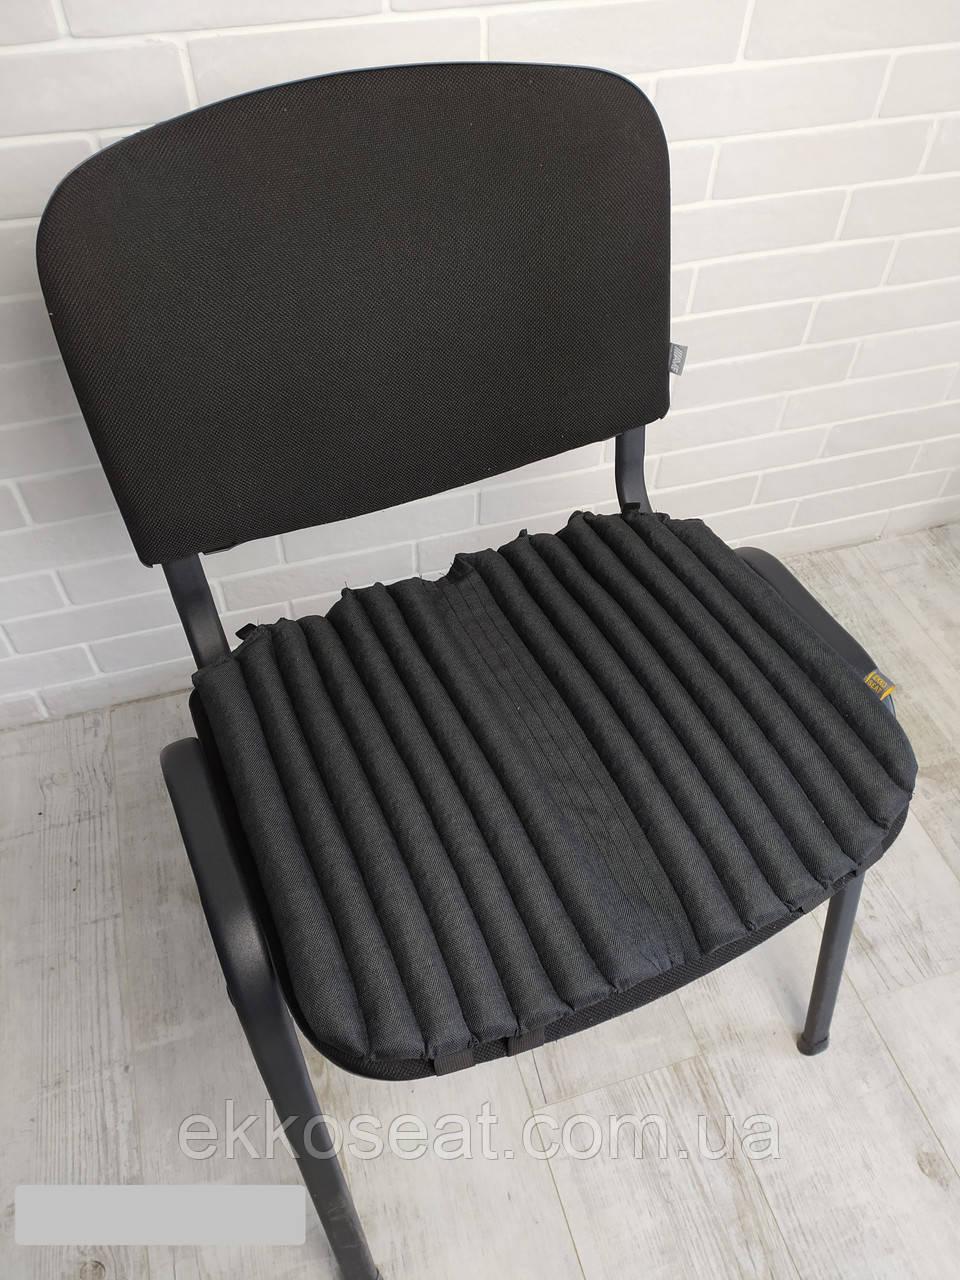 Подушки  для сидения на стулья ортопедические. EKKOSET. Универсальные.